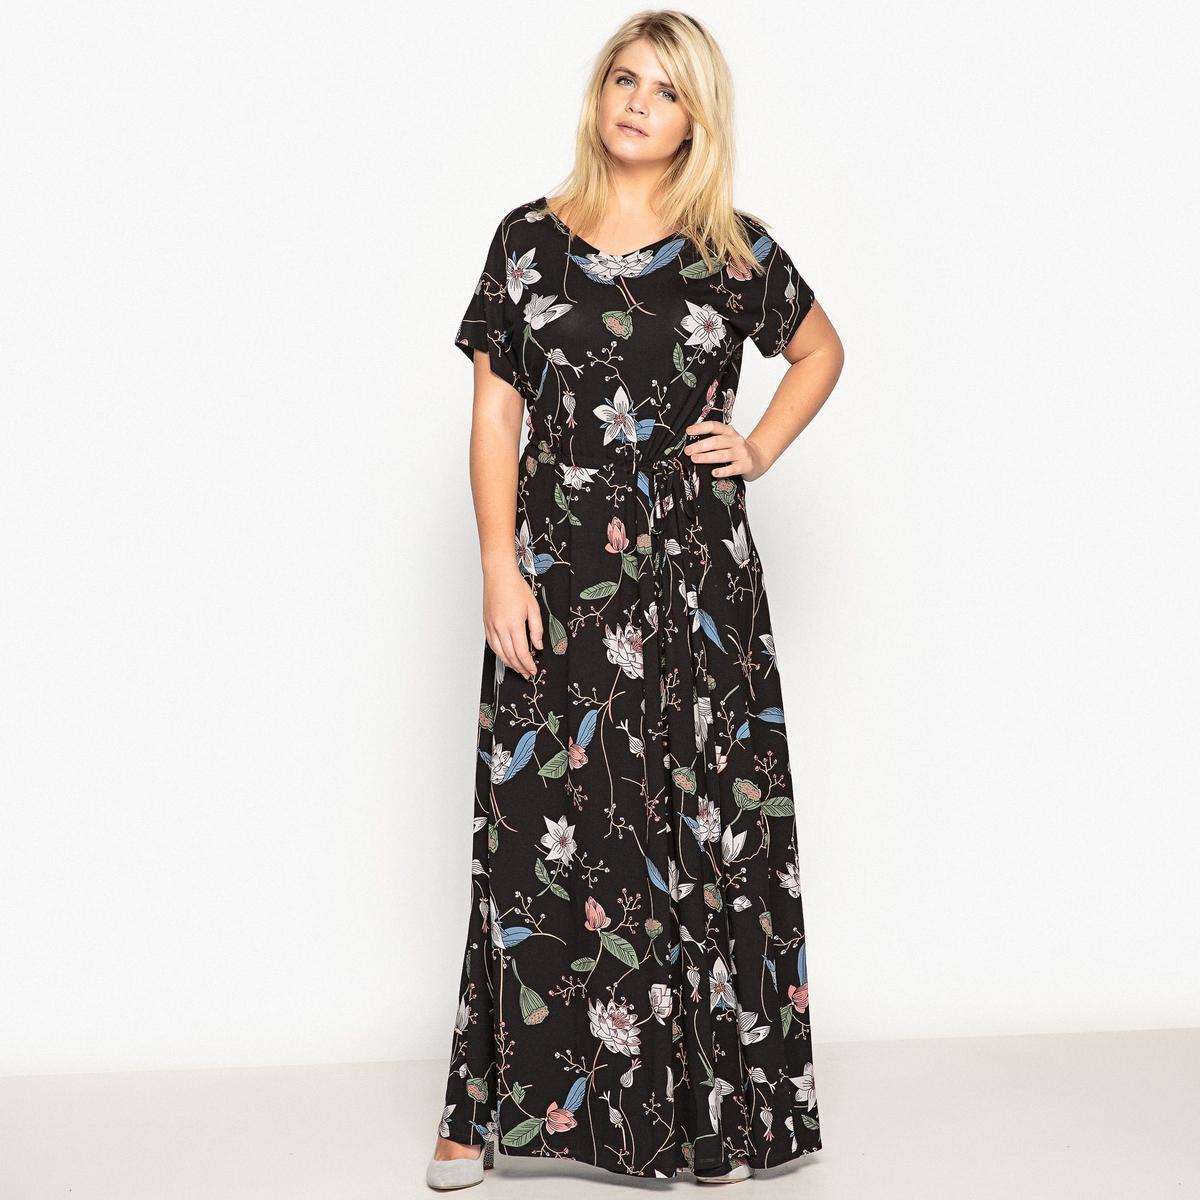 Платье прямое длинное с короткими рукавамиОчень современное длинное платье с цветочным принтом из трикотажа . Это длинное женственное платье с цветочным принтом можно надеть на любой случай .Детали •  Форма : прямая •  Длина ниже колен •  Короткие рукава    •   V-образный вырез •  Рисунок-принт •  Регулируемый пояс Состав и уход •  95% вискозы, 5% эластана •  Температура стирки при 30° на деликатном режиме   •  Сухая чистка и отбеливание запрещены •  Не использовать барабанную сушку •  Низкая температура глажкиТовар из коллекции больших размеров •  Модный цветочный рисунок •  Очень длинное •  Завязки на поясе  •  длина 140 см<br><br>Цвет: цветочный рисунок<br>Размер: 46 (FR) - 52 (RUS).52 (FR) - 58 (RUS)